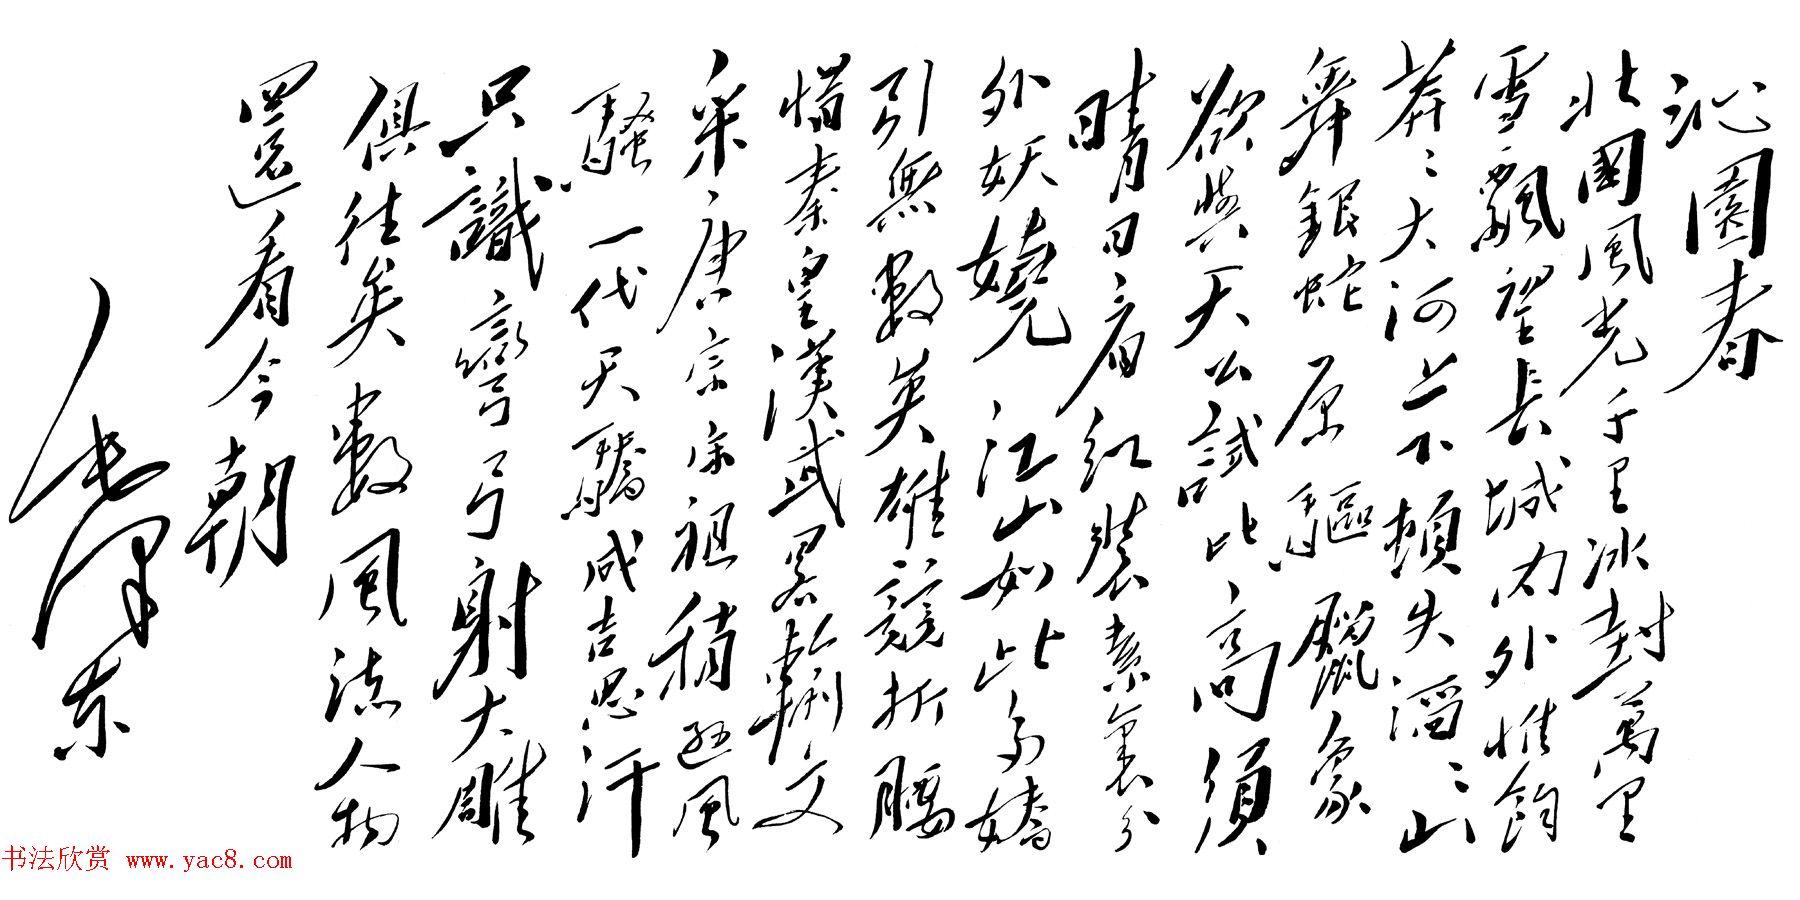 毛泽东行草书法作品《沁园春·雪》